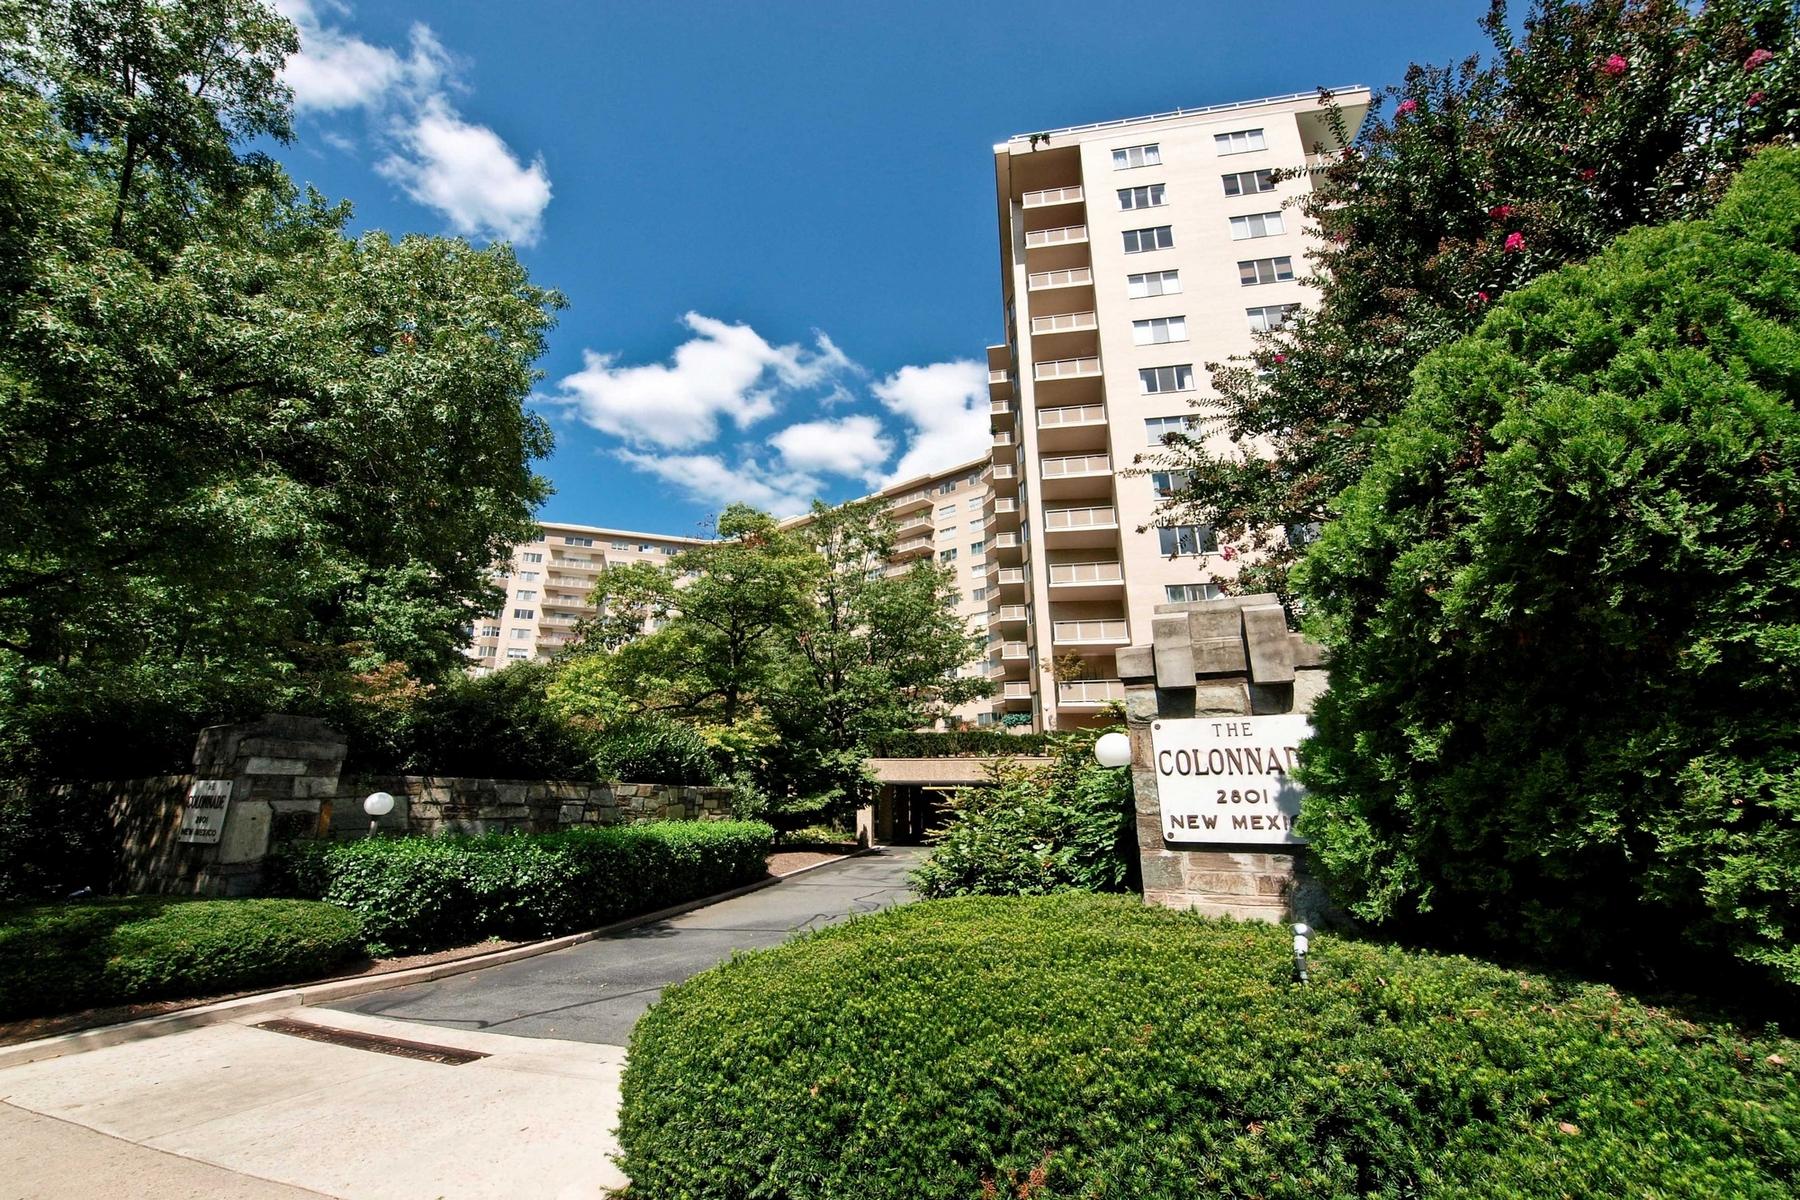 コンドミニアム のために 売買 アット Colonnade Condominium 2801 New Mexico Ave NW #1005 Washington, コロンビア特別区 20011 アメリカ合衆国